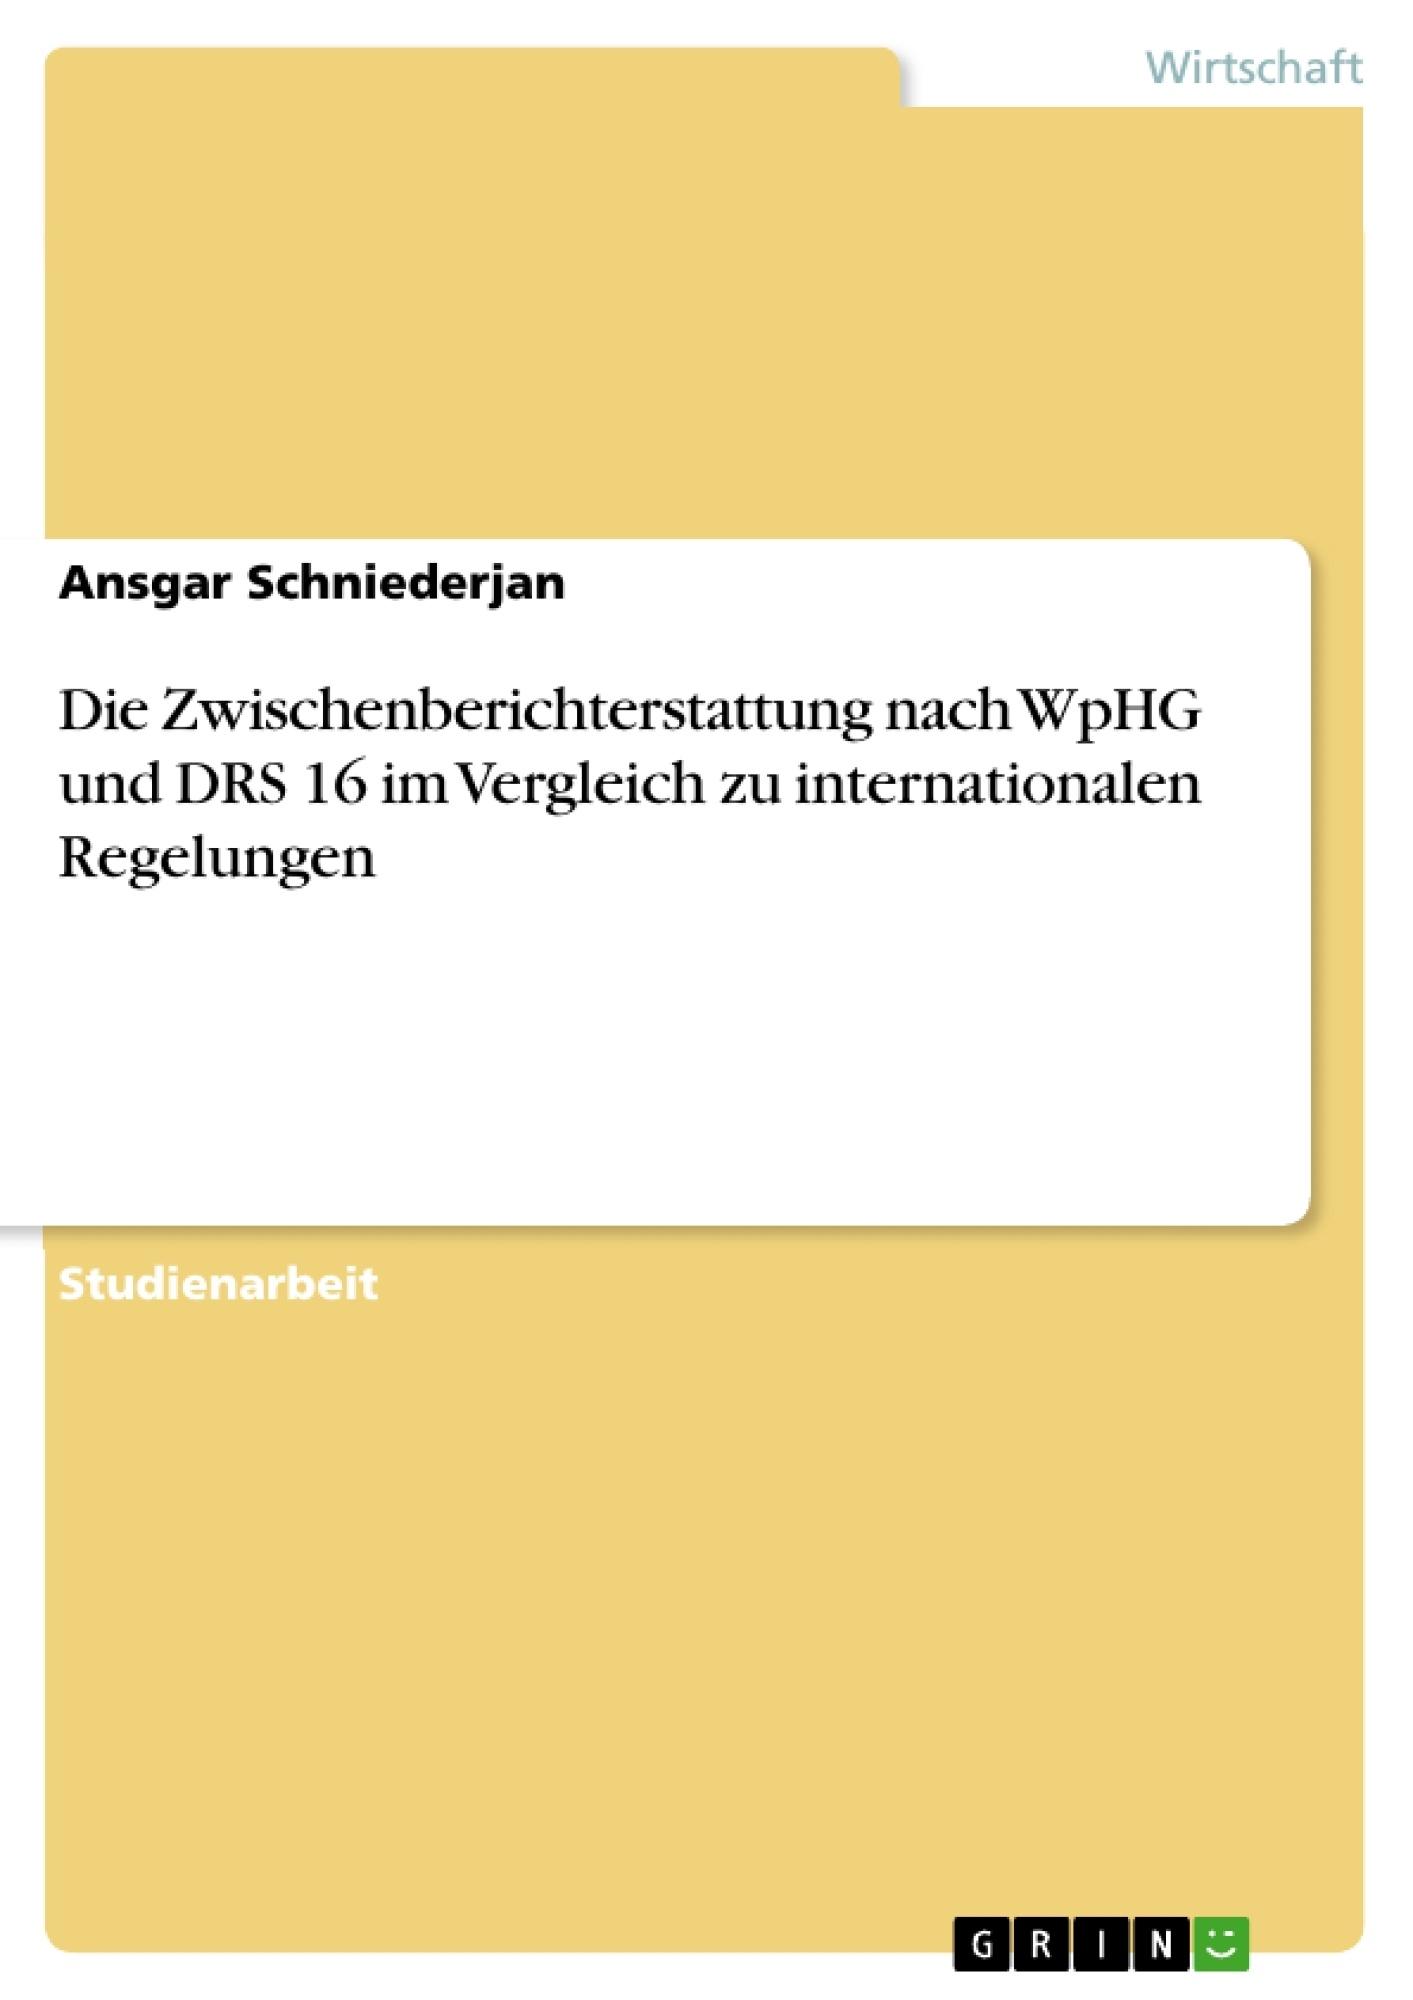 Titel: Die Zwischenberichterstattung nach WpHG und DRS 16 im Vergleich zu internationalen Regelungen